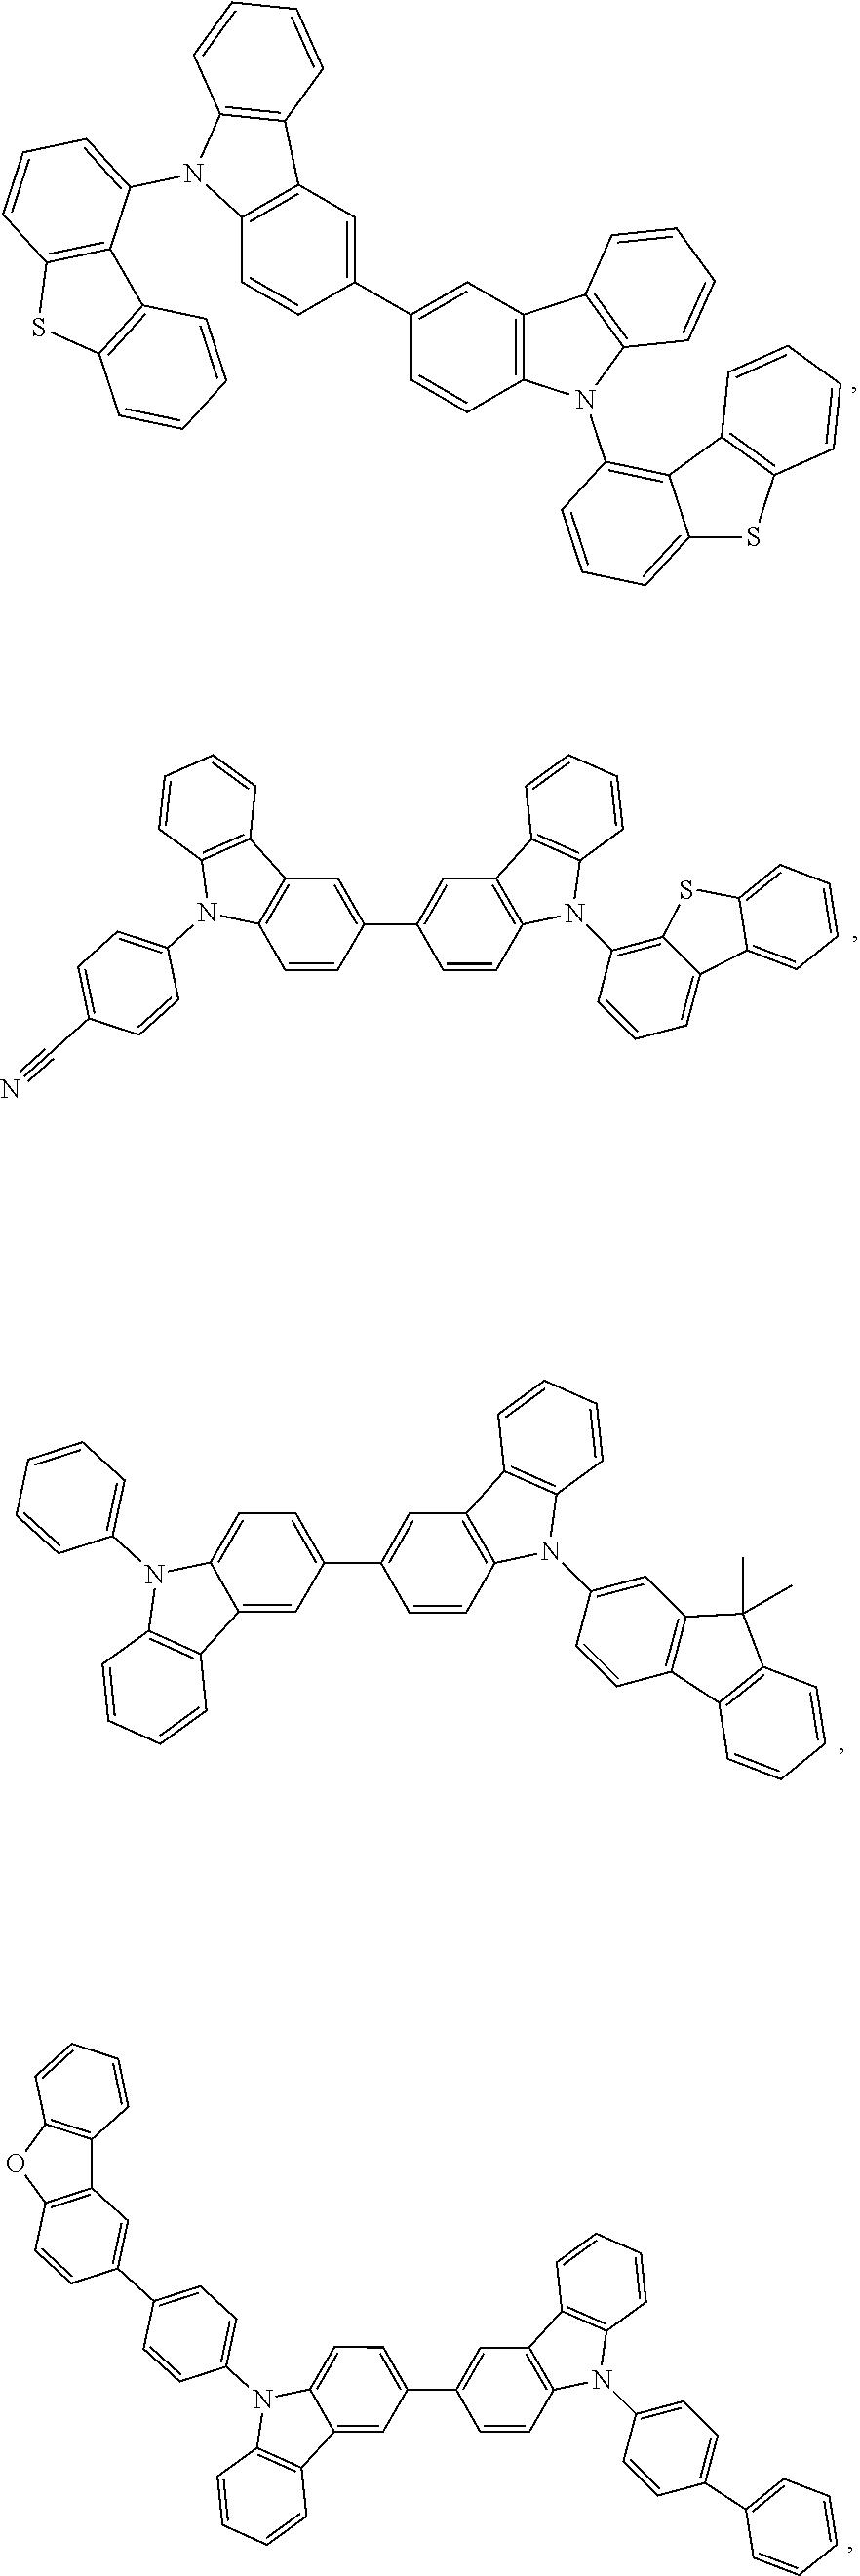 Figure US20190161504A1-20190530-C00052